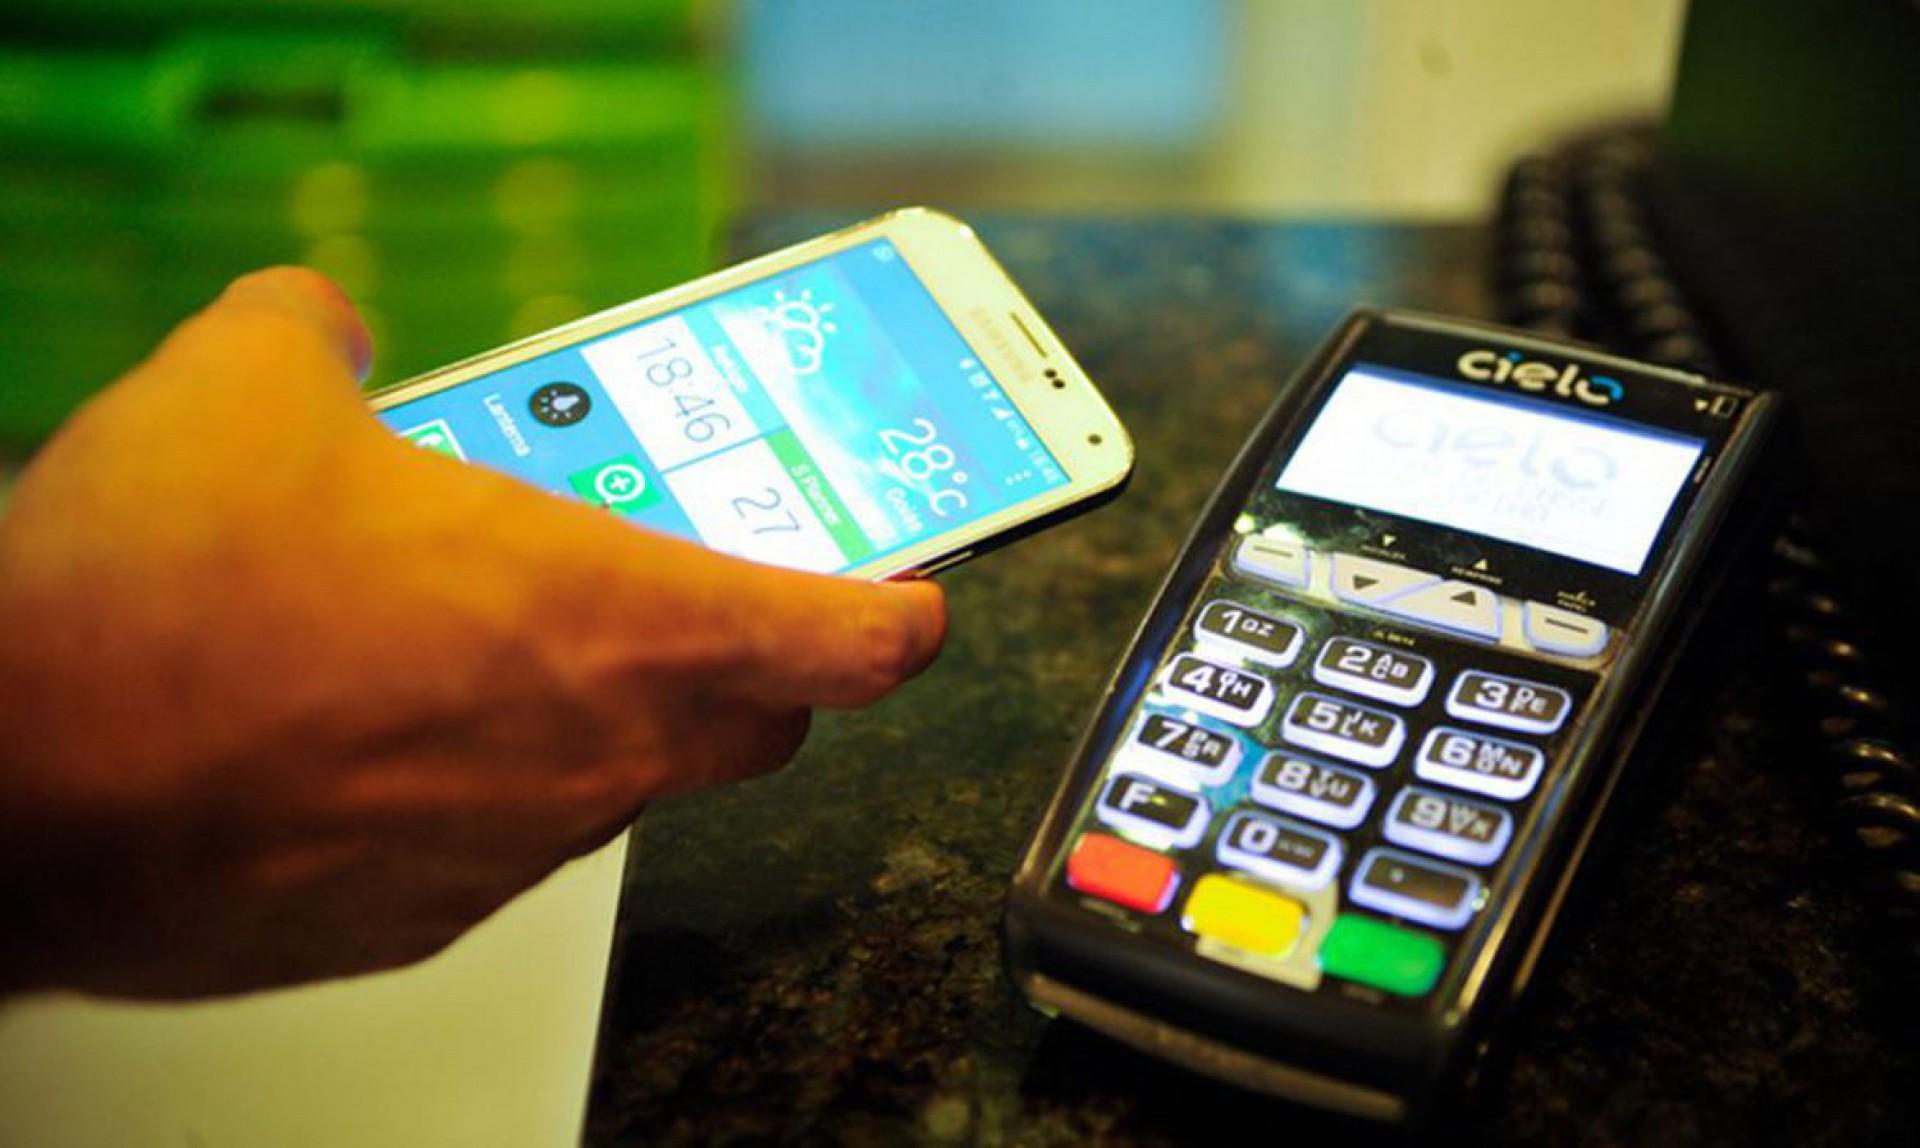 Foto mostra homem segurando celular próximo de máquina de cartão de crédito.